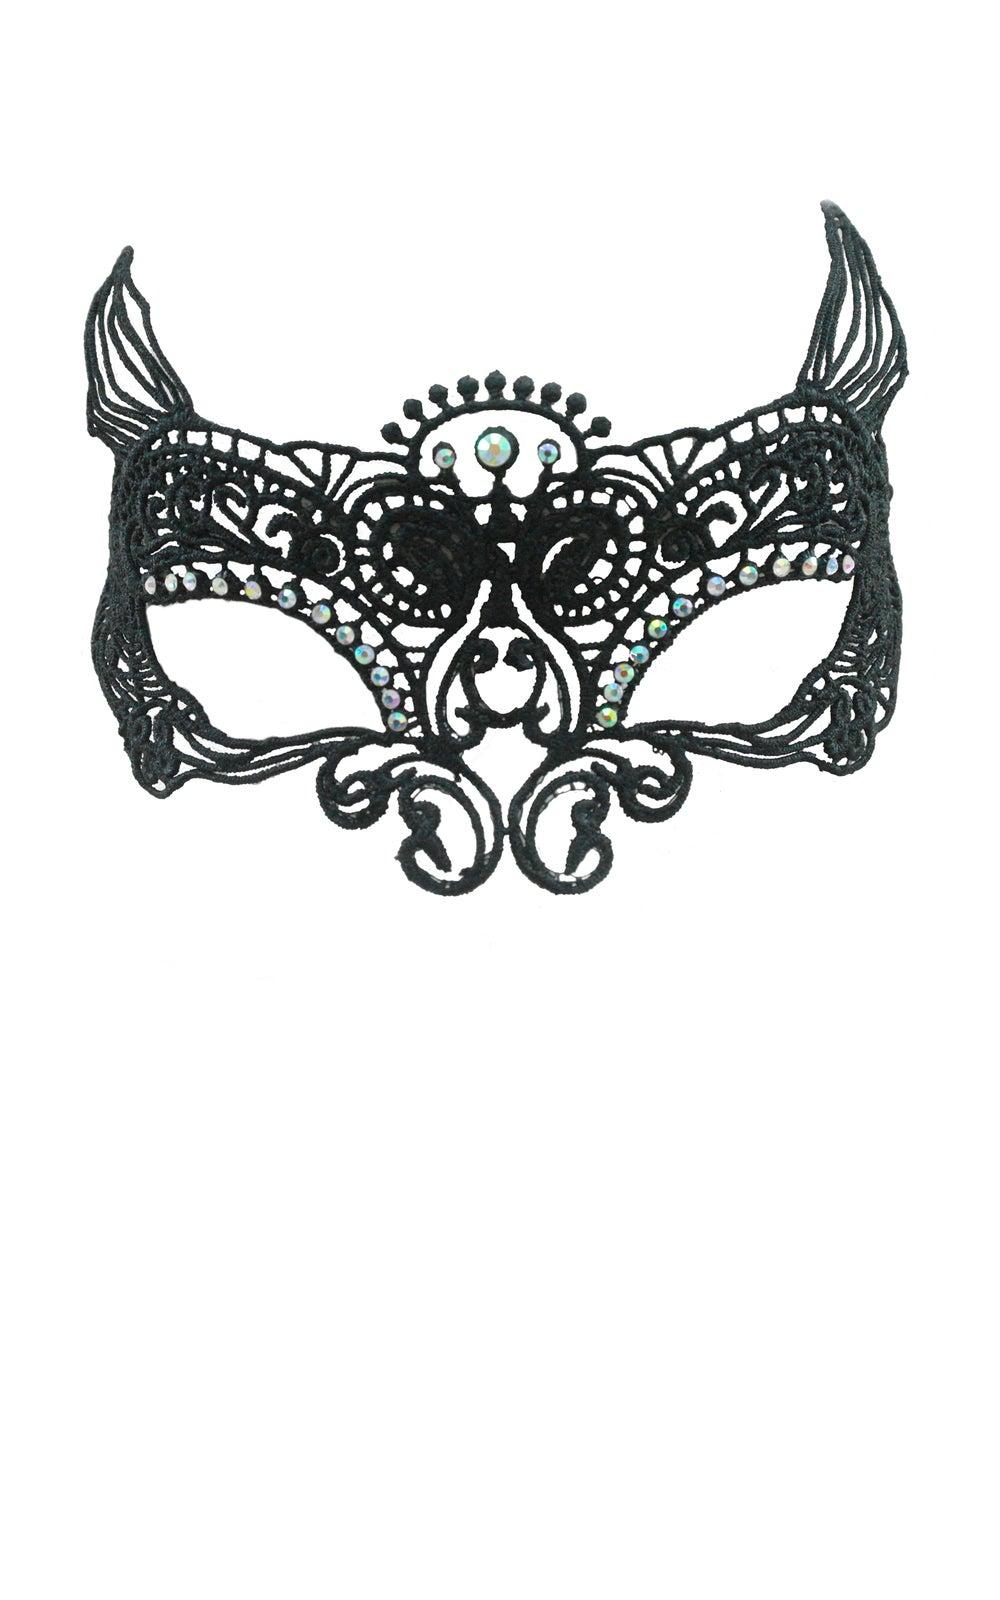 Image of Feline Masquerade Mask